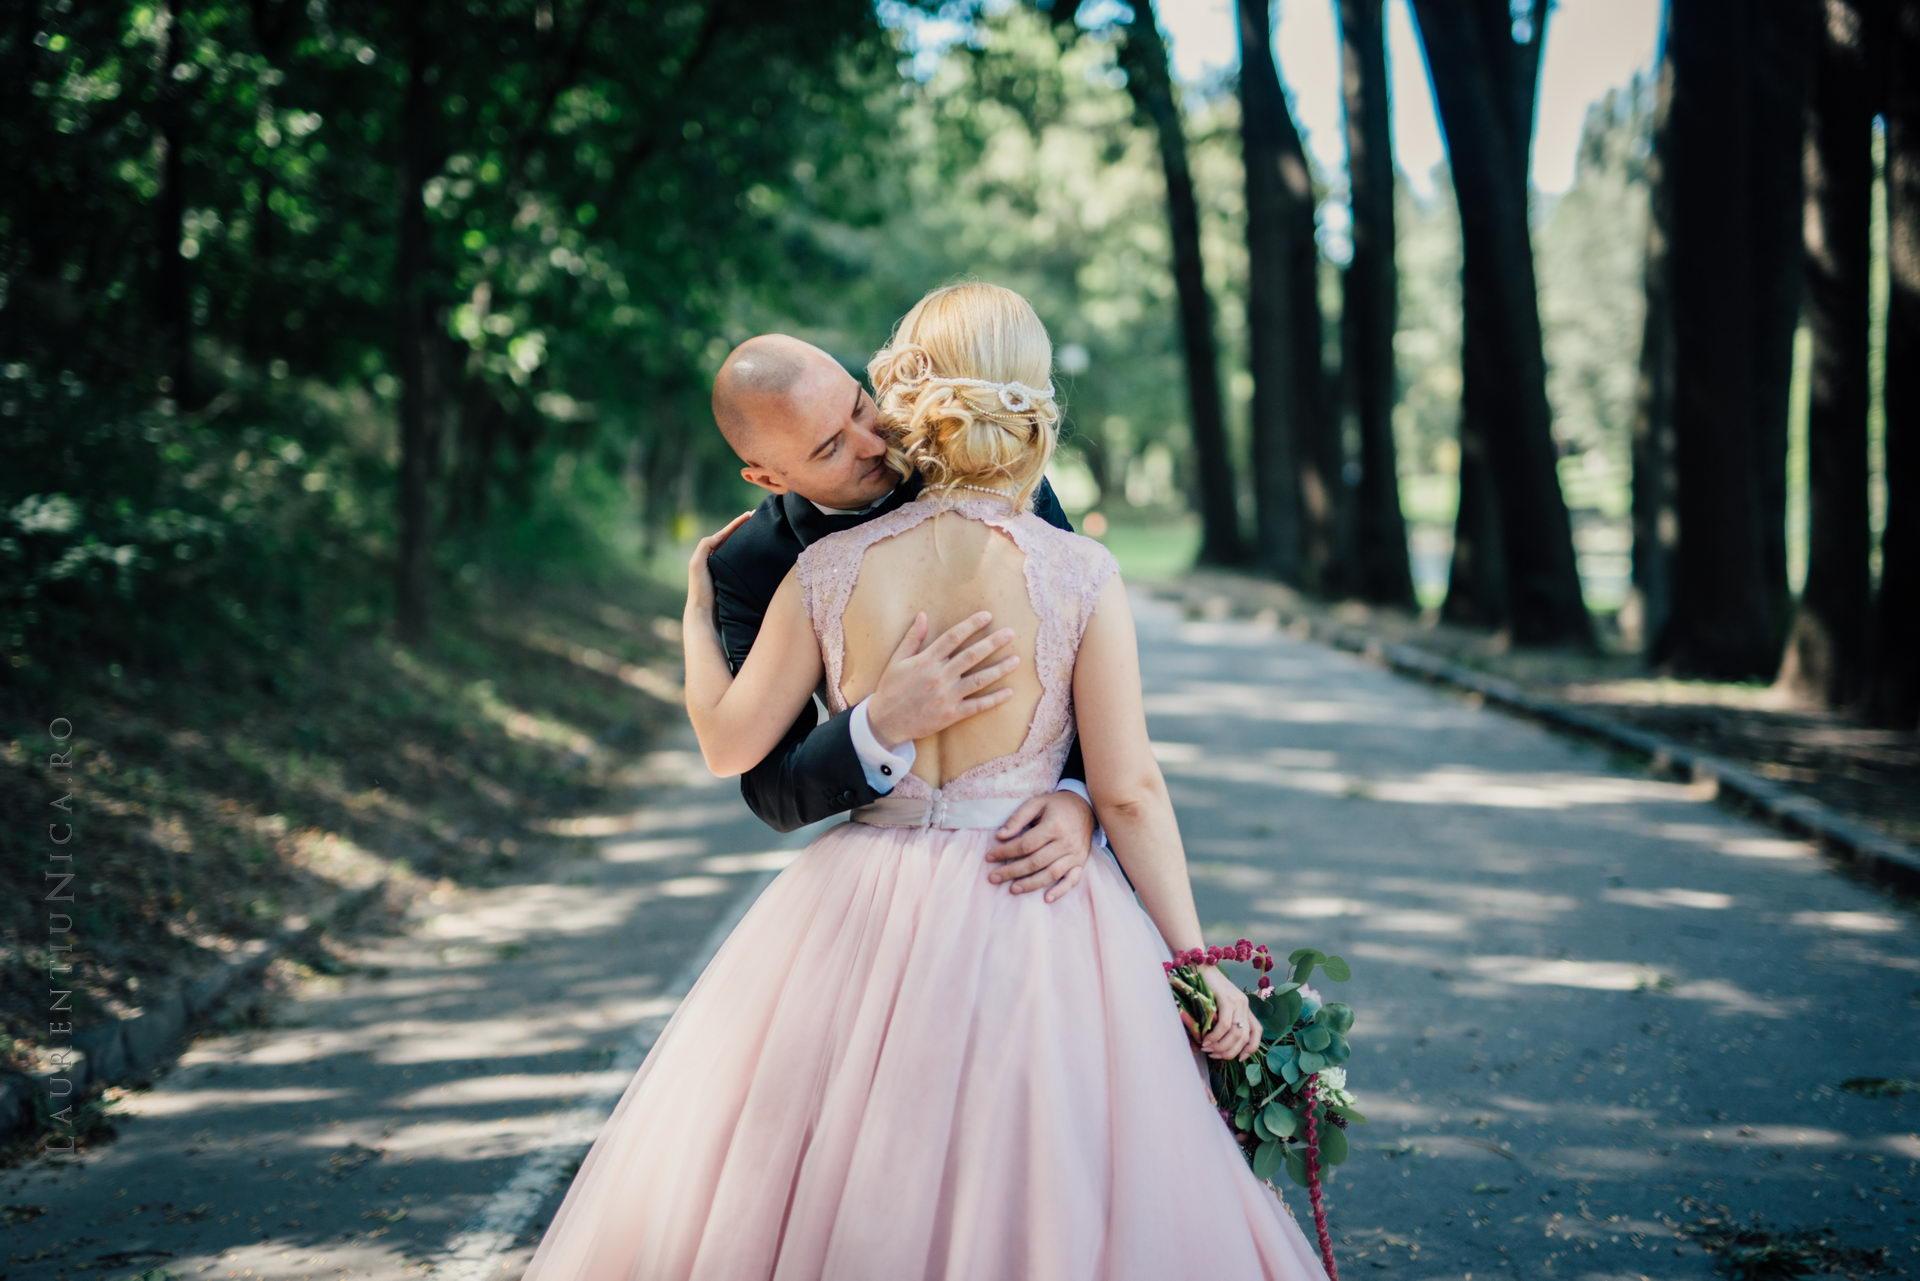 lavinia si adi fotograf laurentiu nica craiova 030 - Lavinia & Adi | Fotografii nunta